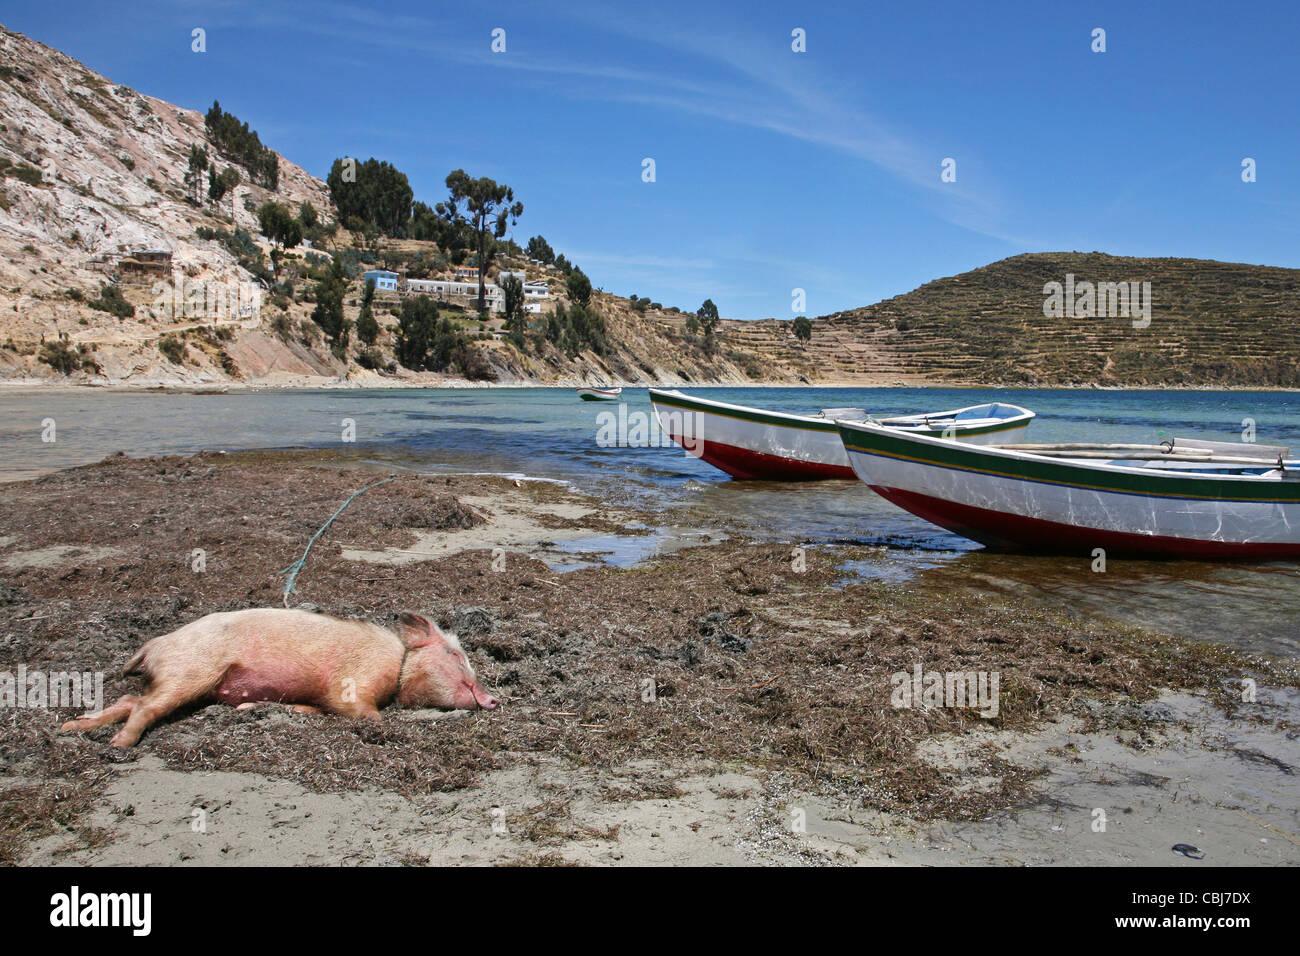 Angeln, Boote und Schwein schlafen am Ufer des Titicaca, Isla del Sol, Bolivien Stockbild